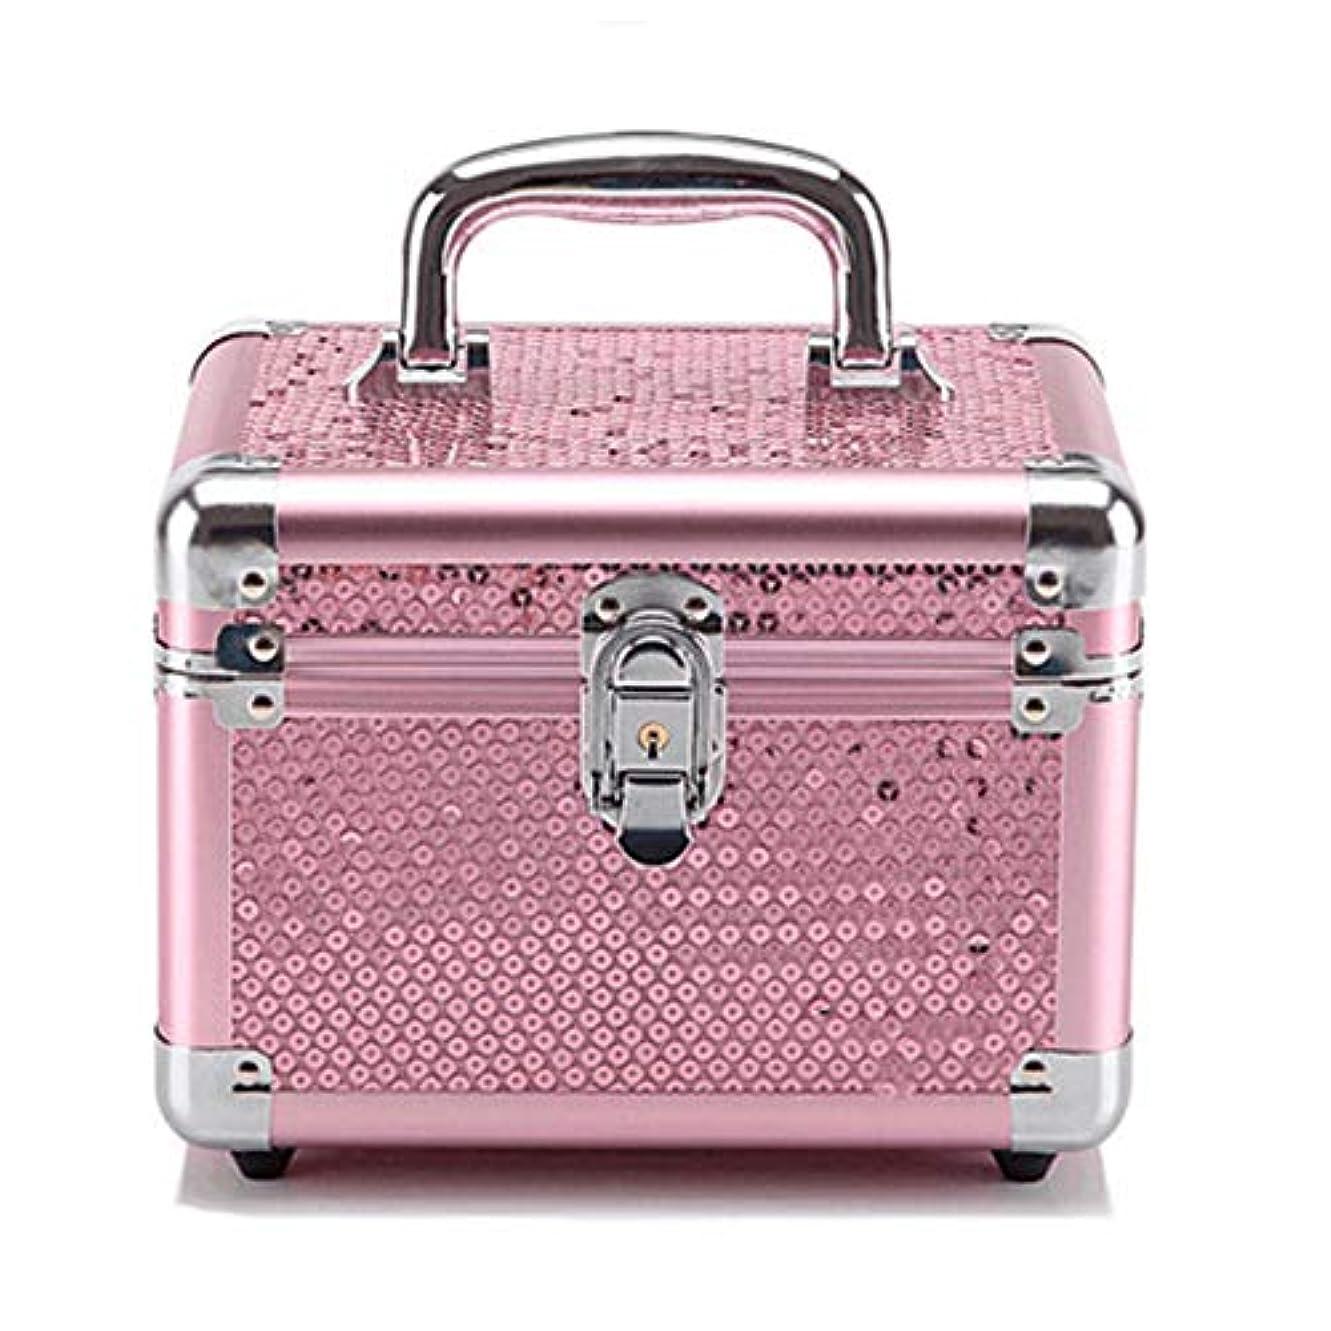 軽蔑する取るに足らないクスクス化粧オーガナイザーバッグ ピンクのスパンコールロック可能なメイクアップジュエリーネイルポーランドの美容タトゥーボックス美容アクセサリー収納ケース 化粧品ケース (色 : Pink(S))